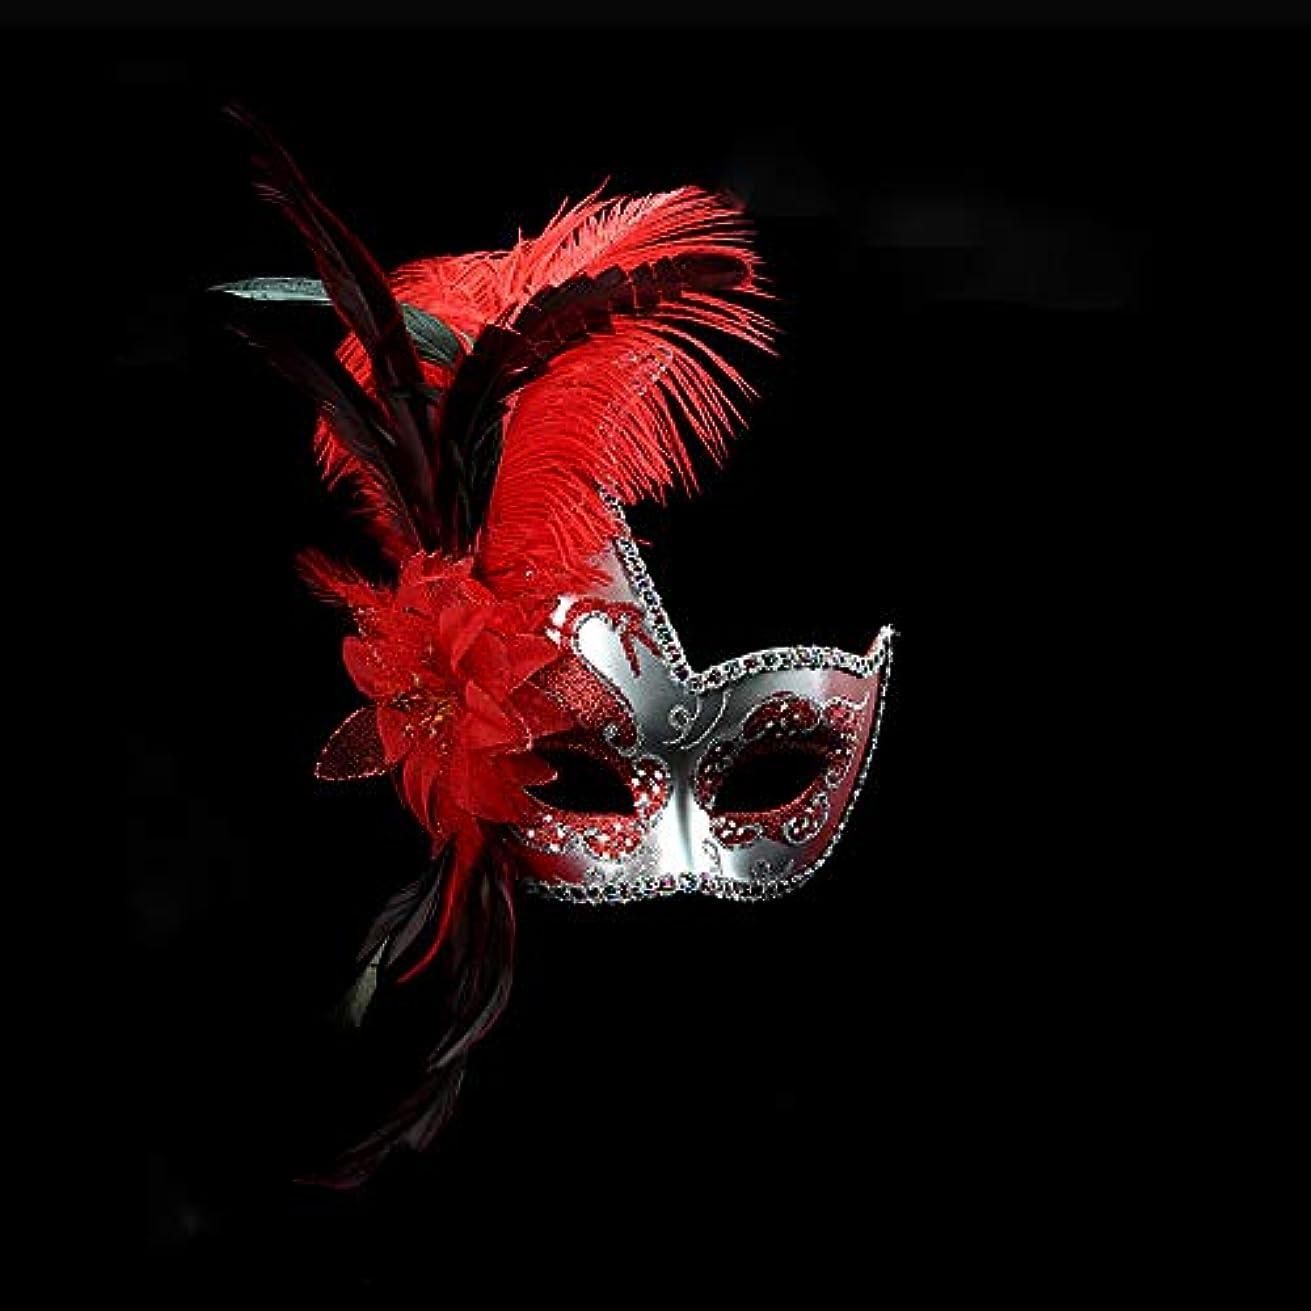 レジ湿原誘発するNanle ハロウィンマスクハーフフェザーマスクベニスプリンセスマスク美容レース仮面ライダーコスプレ (色 : Red)